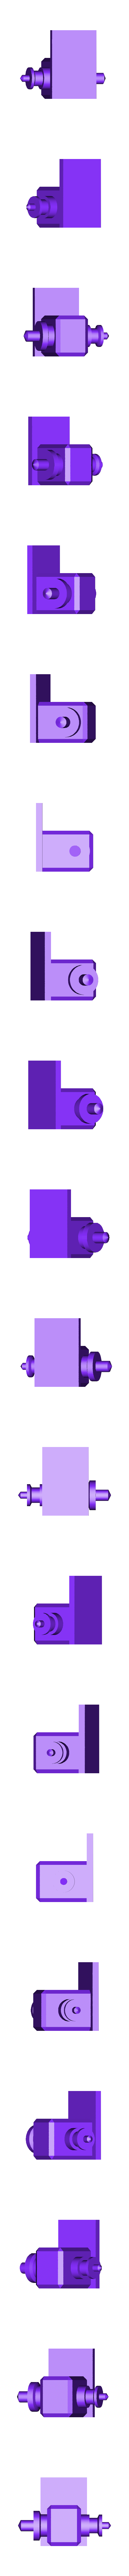 brake_switch.stl Télécharger fichier STL gratuit Boxcar russe série 11-270, échelle HO • Design pour impression 3D, positron